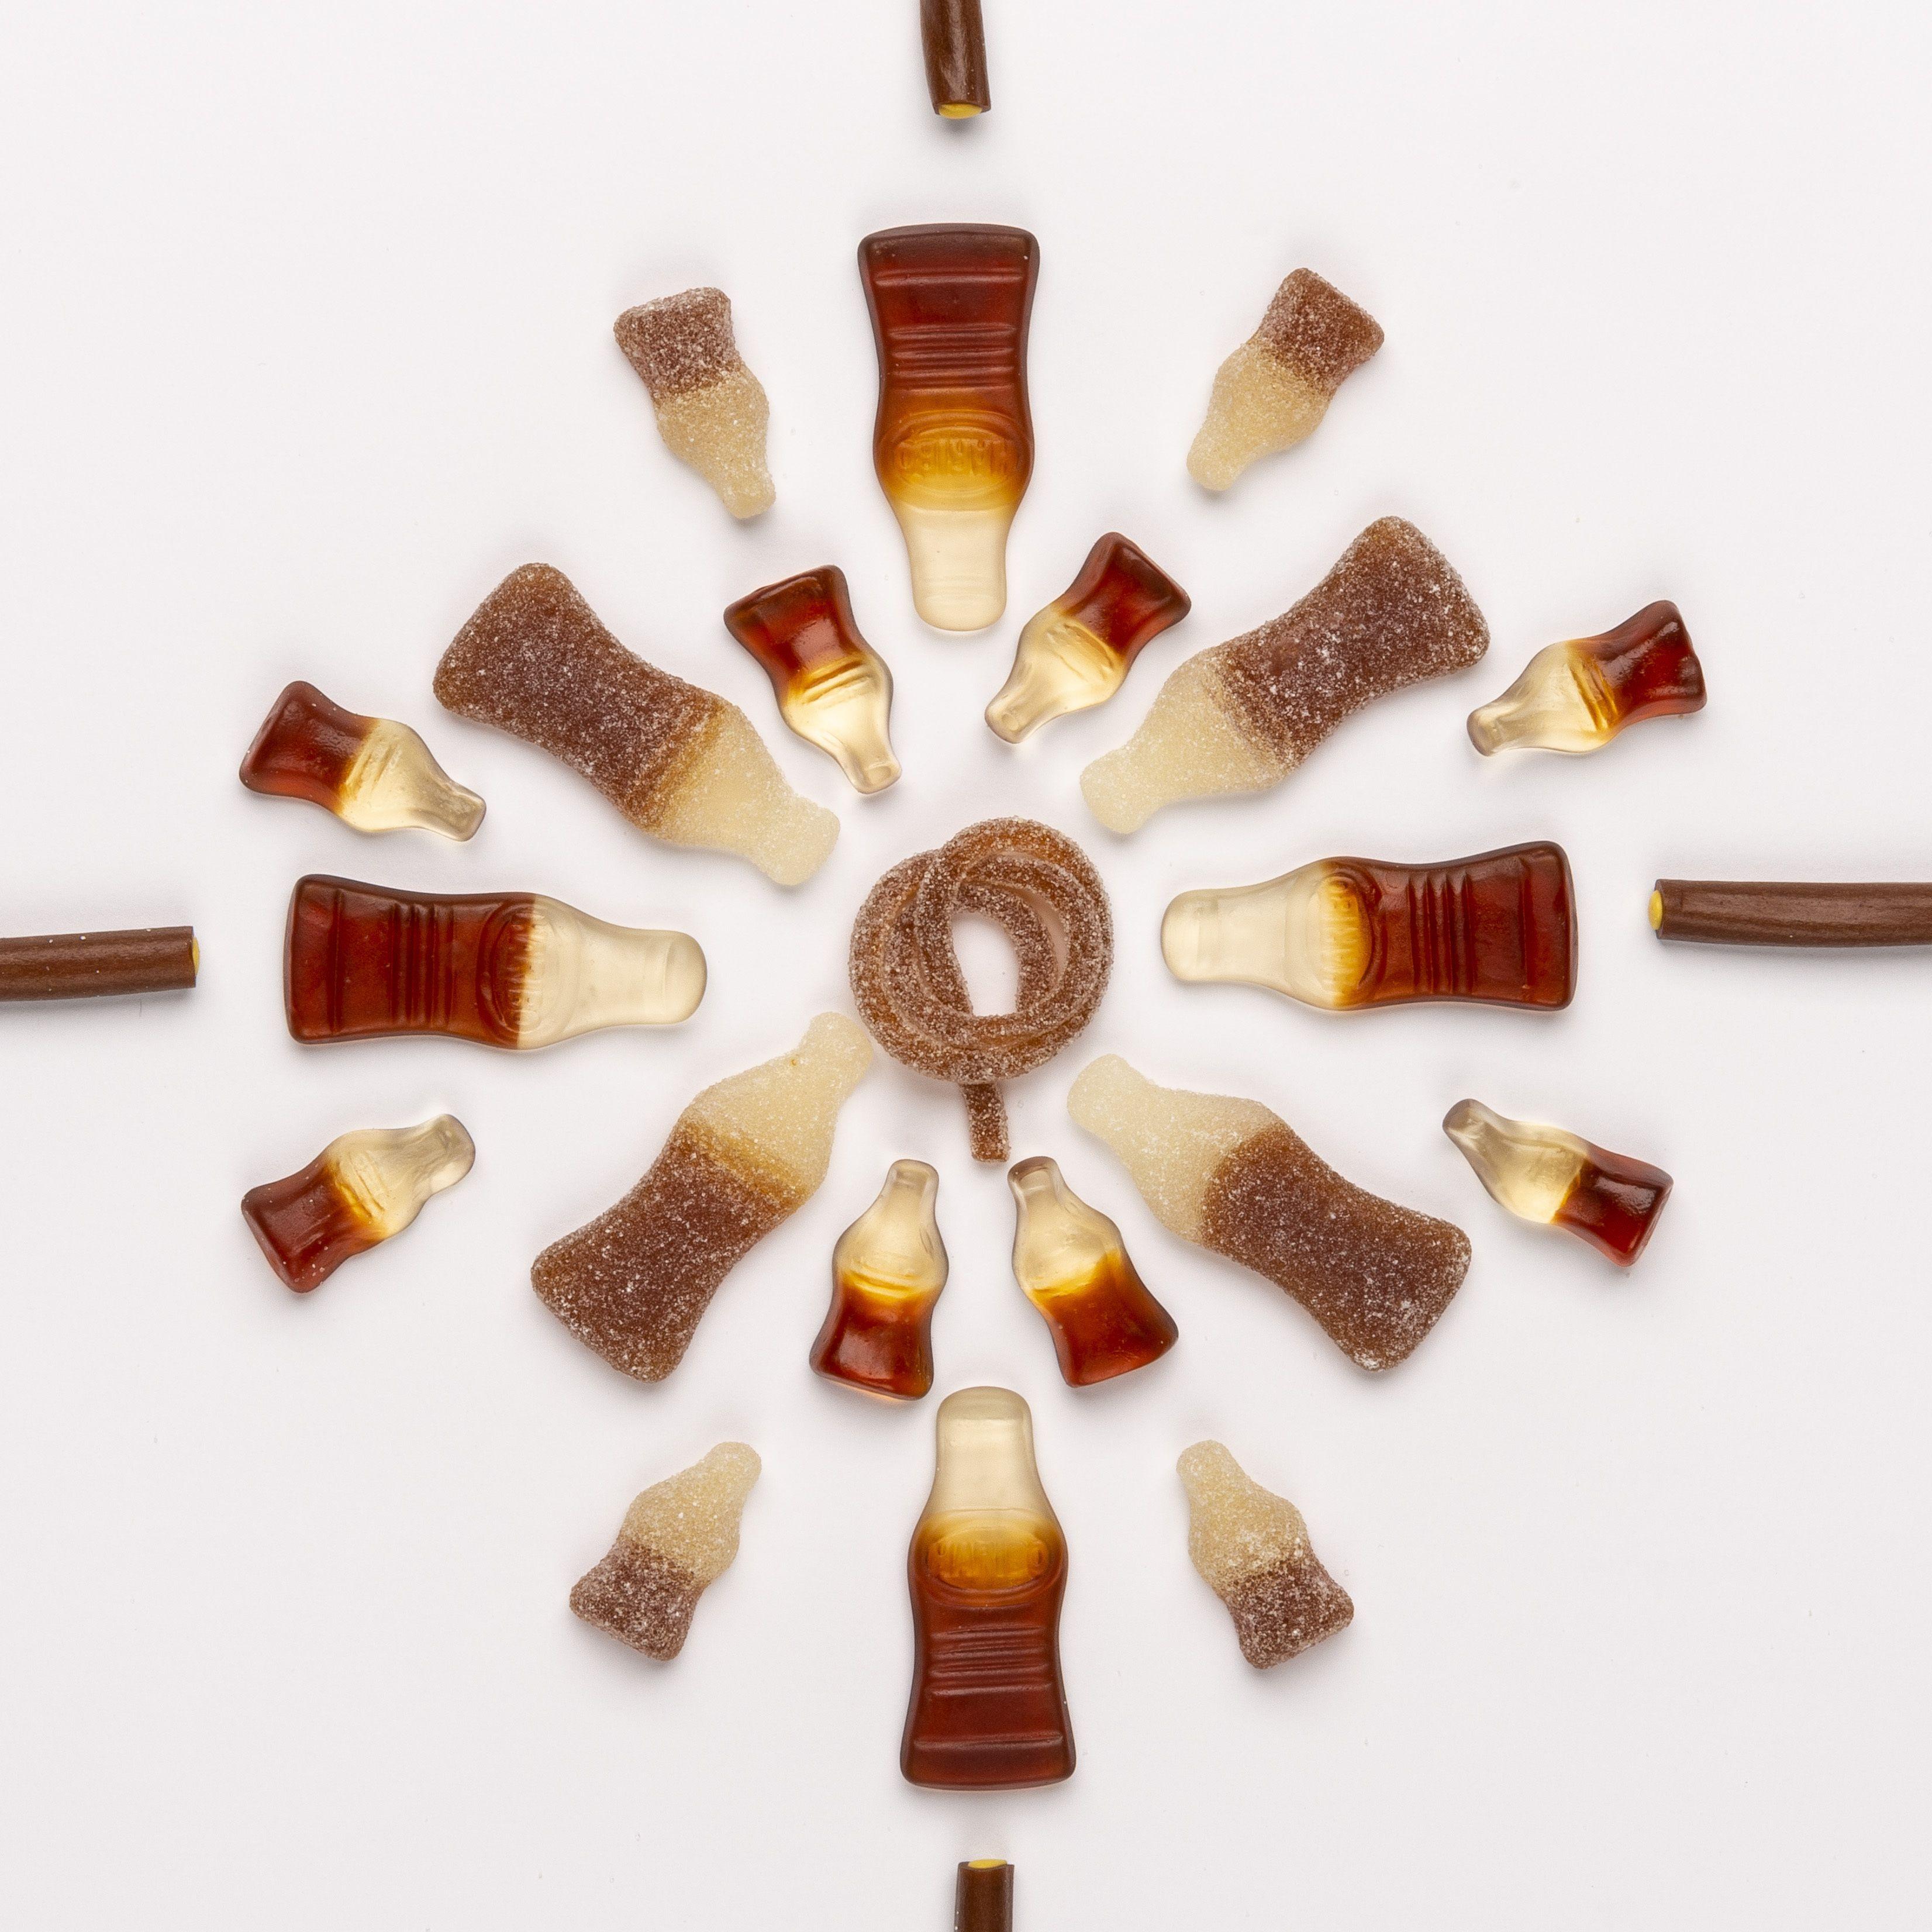 Cola Produktstücke in Kreisform gelegt